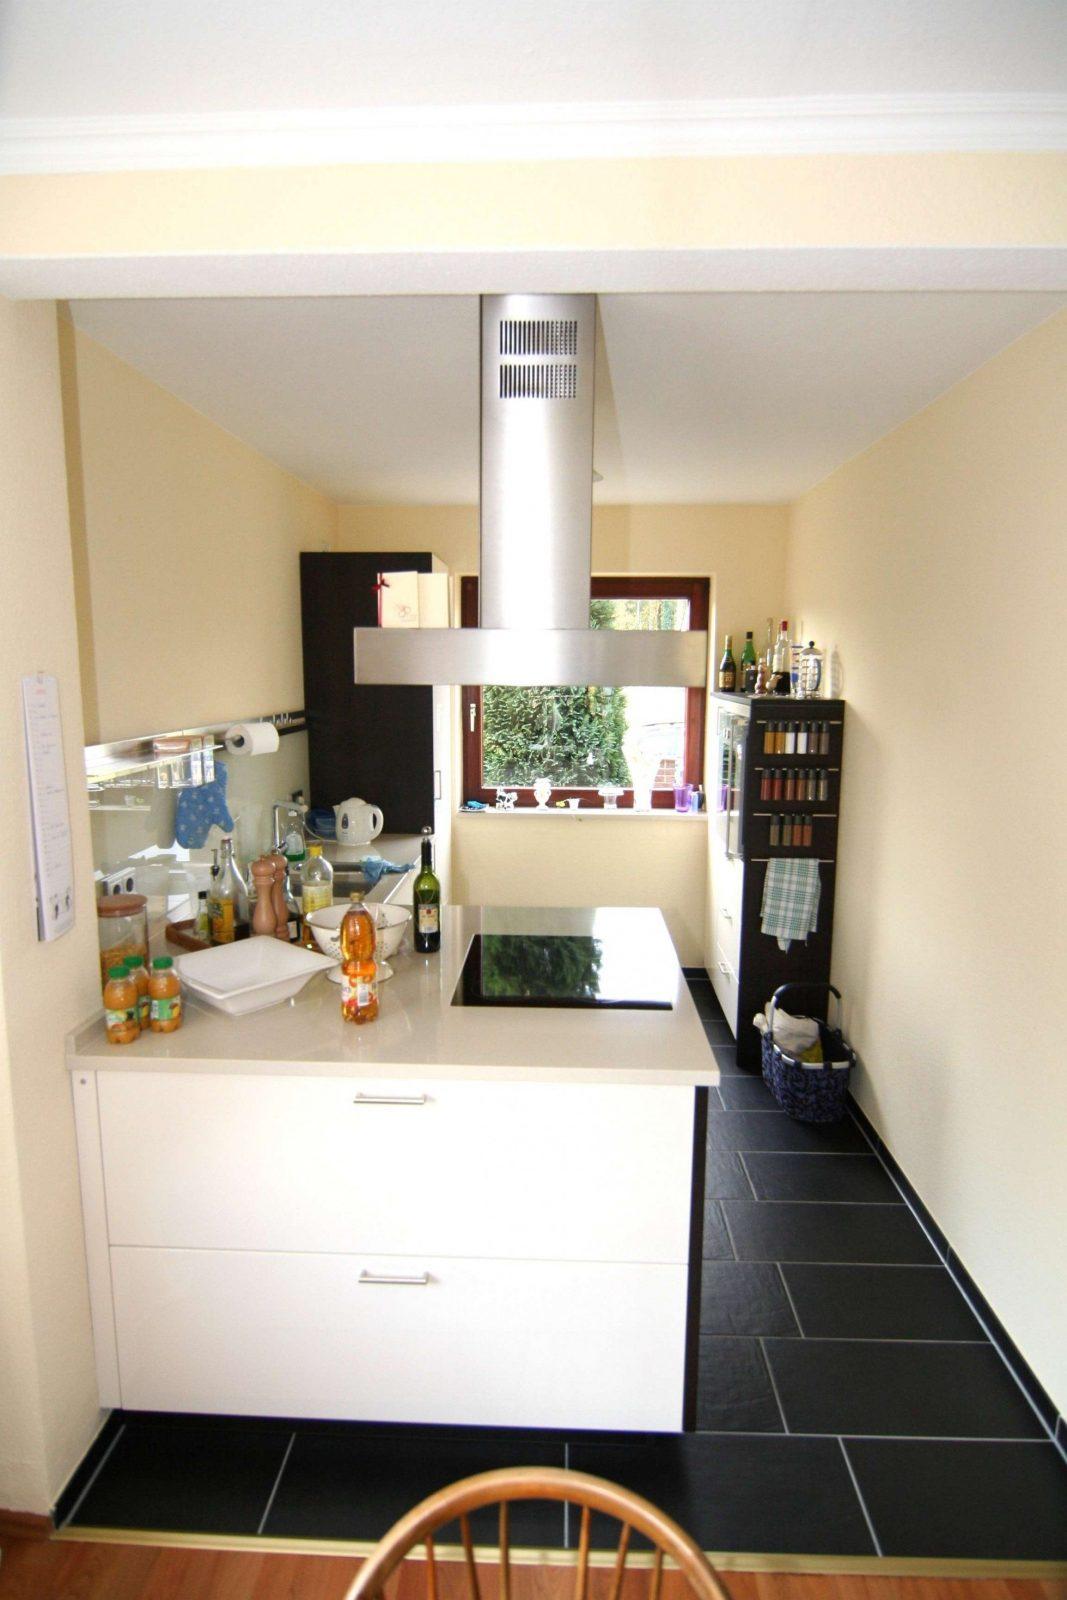 Häufig Küche Kleiner Raum Modern | Kche Kleiner Raum. Kche Kleiner Raum JA31